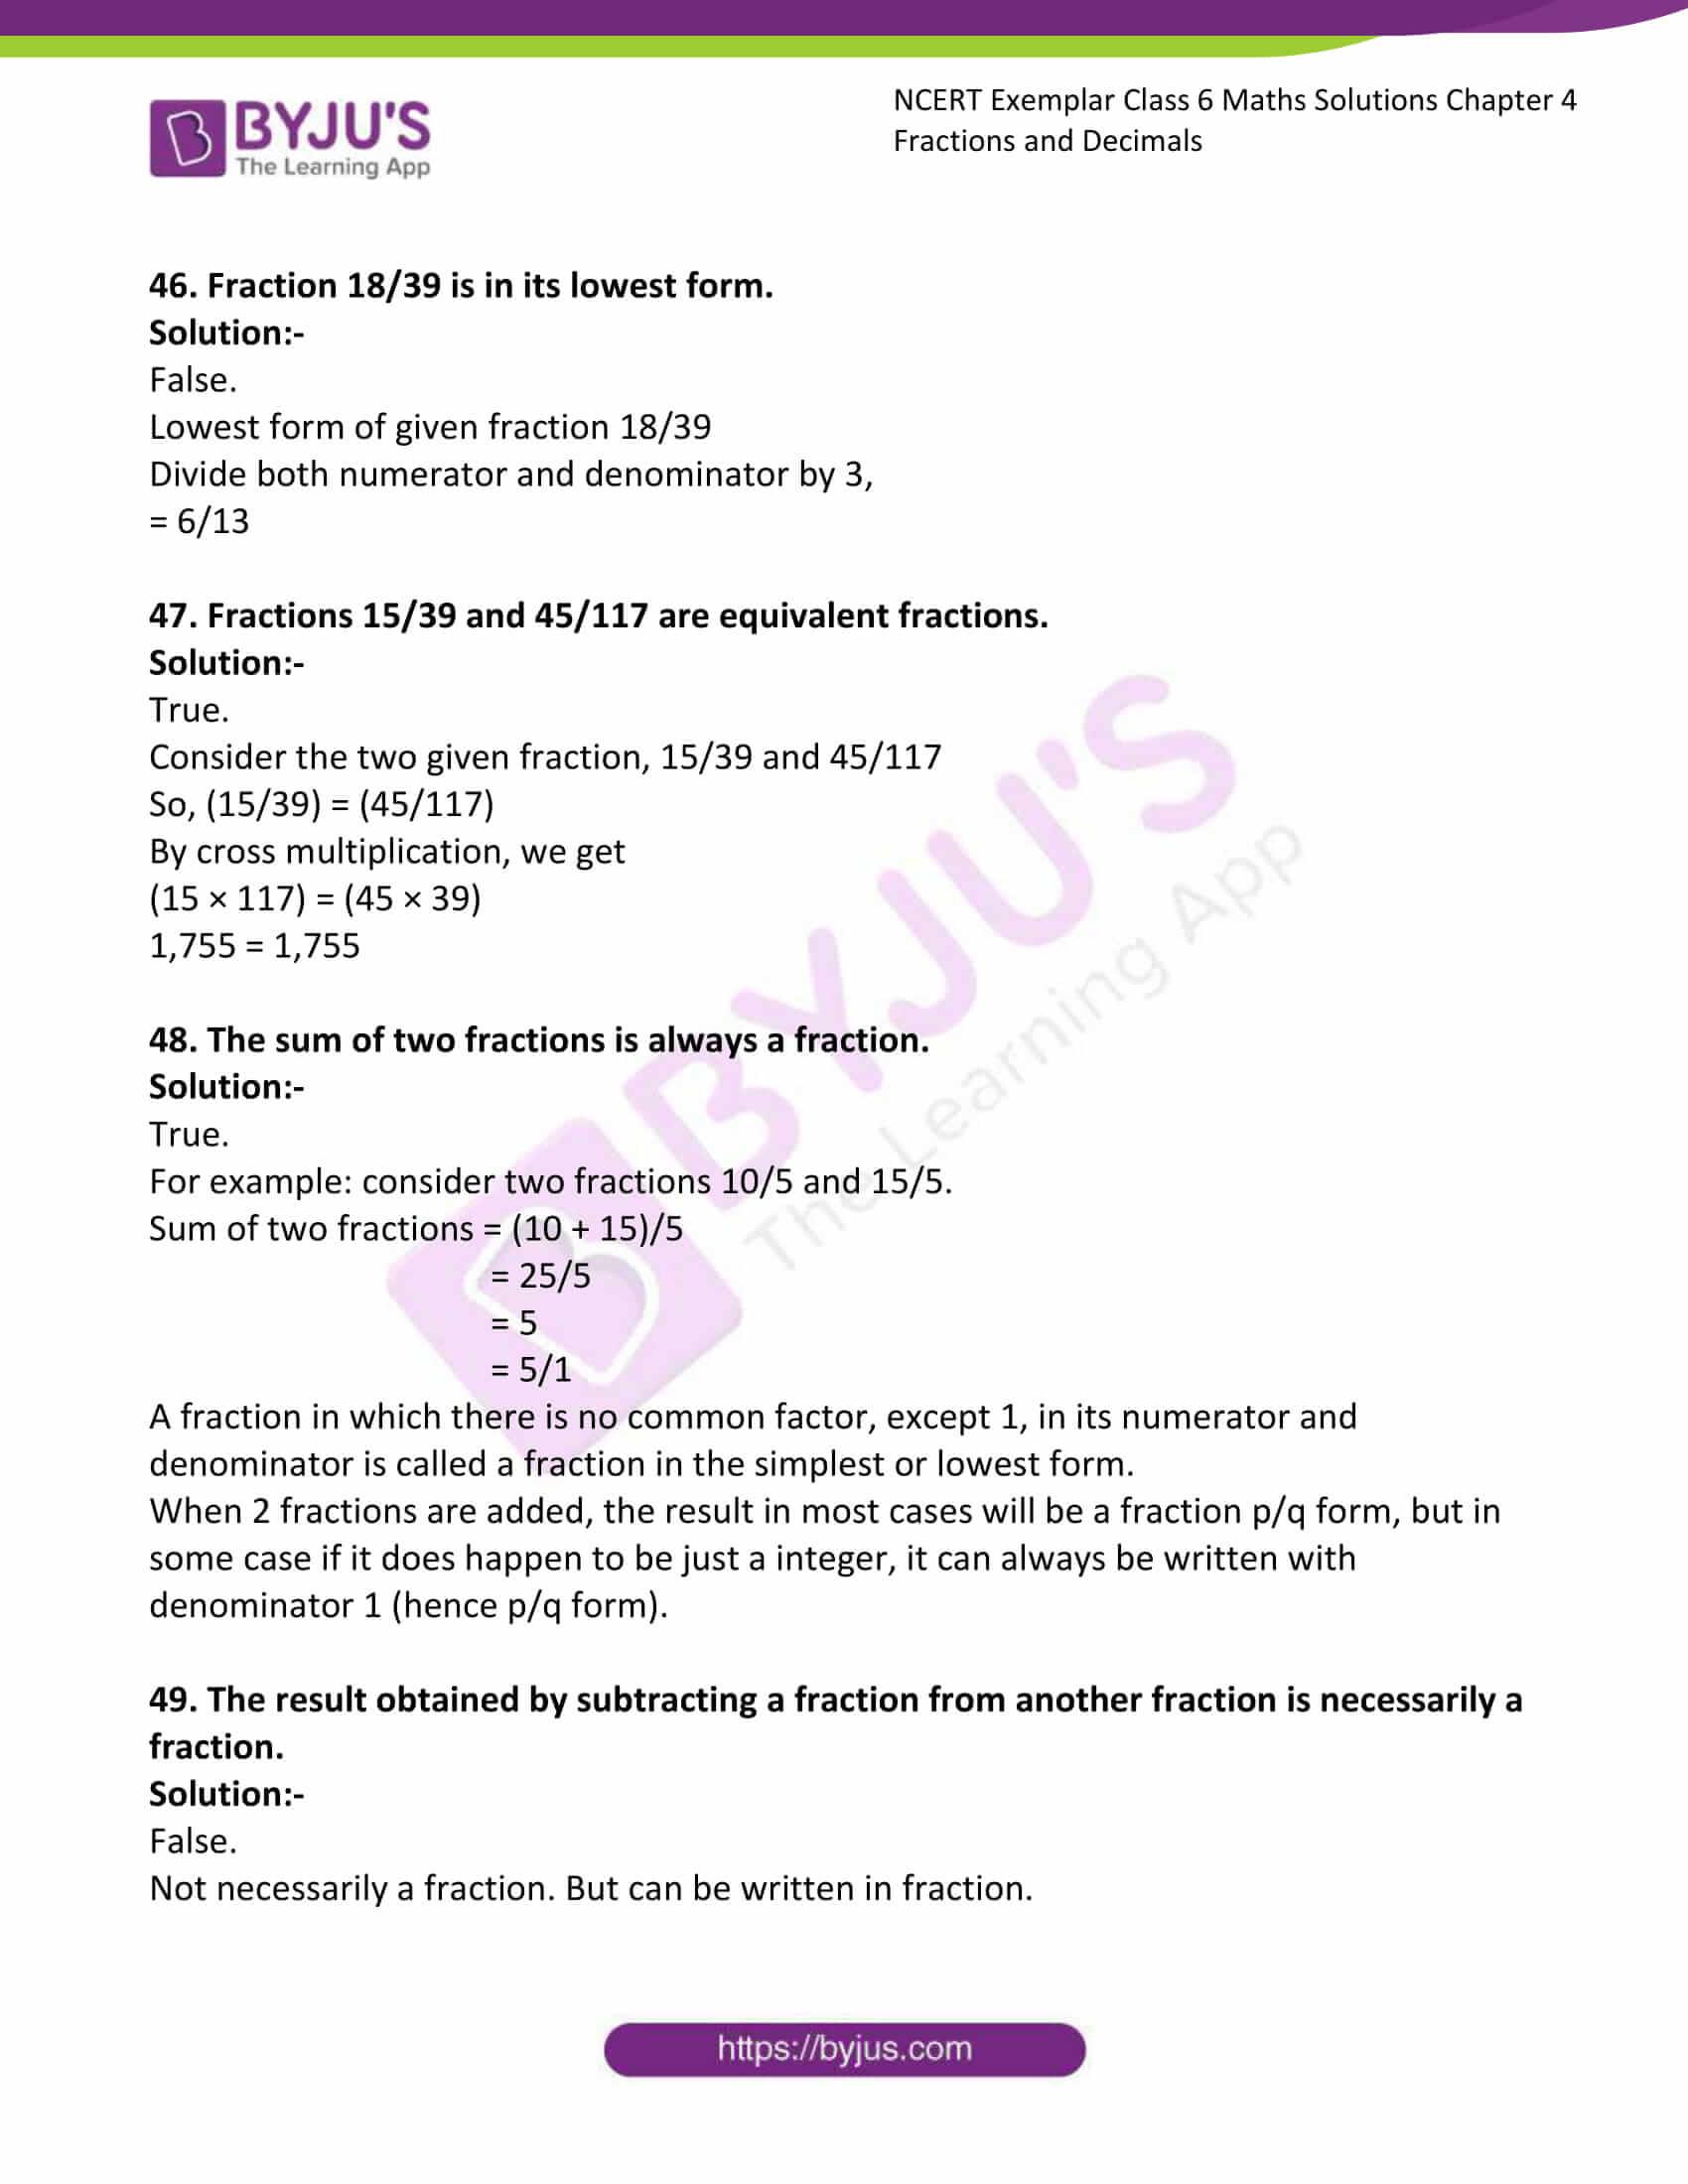 ncert exemplar class 6 maths sol ch 4 11